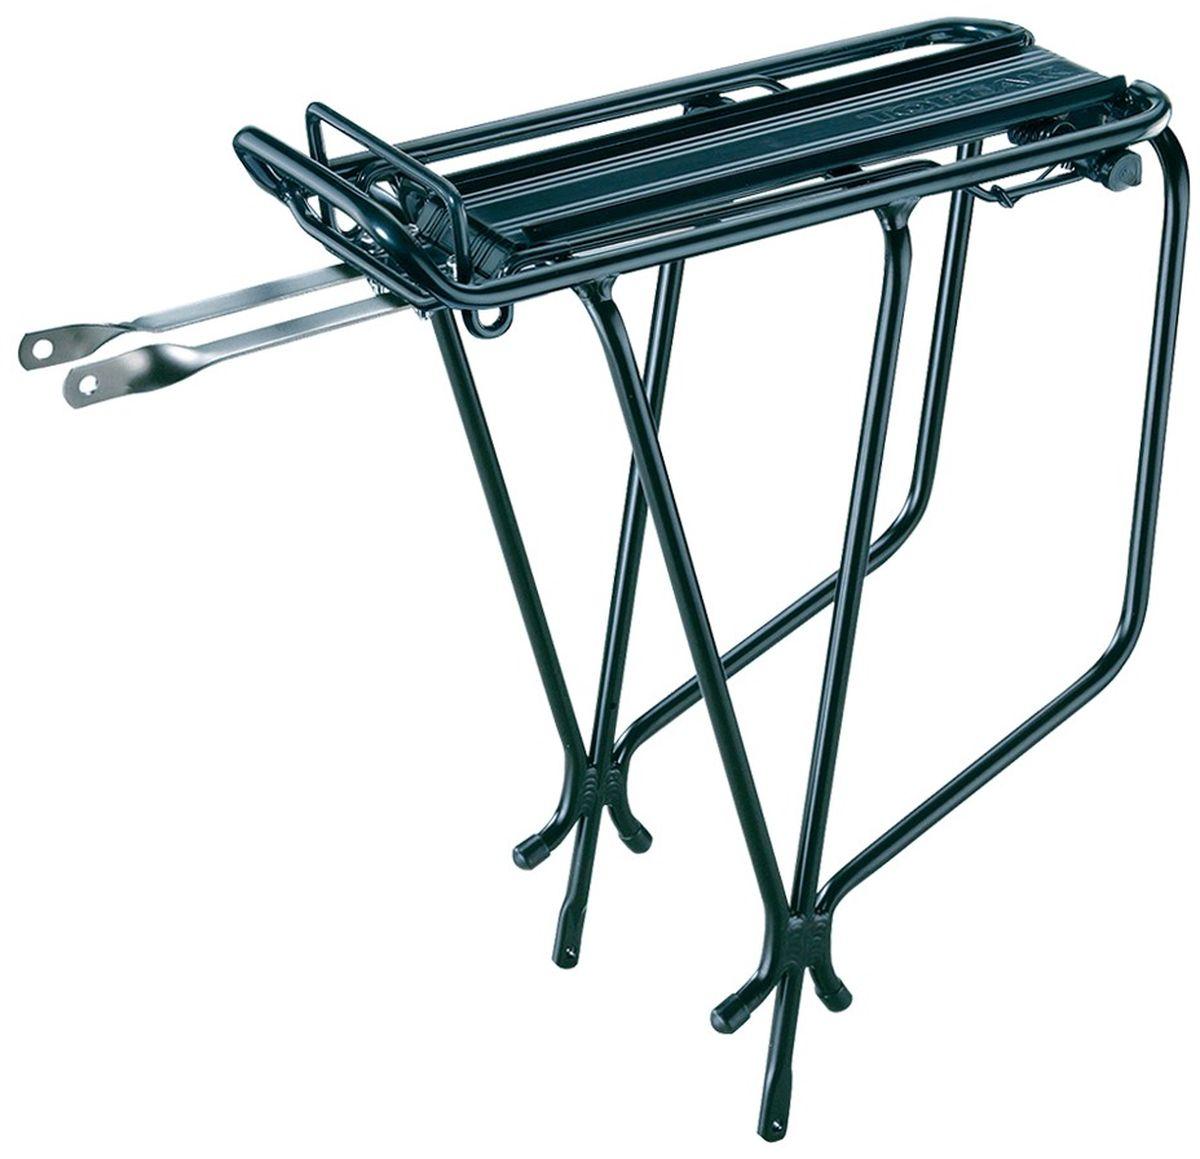 """Багажник задний TOPEAK Super Tourist Tubular Rack, с прищепкой, цвет: черныйTA2030-BПрочный алюминиевый багажник для поездок по городу или на дальние расстояния. Встроенная пружинная защелка удобна для закрепления легкого груза. QuickTrack совместим для использования с любым багажом MTX. Максимальная нагрузка: 30 кг / 66 lb. Размеры: 41 x 34 x 17 см / 16.1"""" x 13.4"""" x 6.7"""". Вес: 815 г / 1.80 lb."""